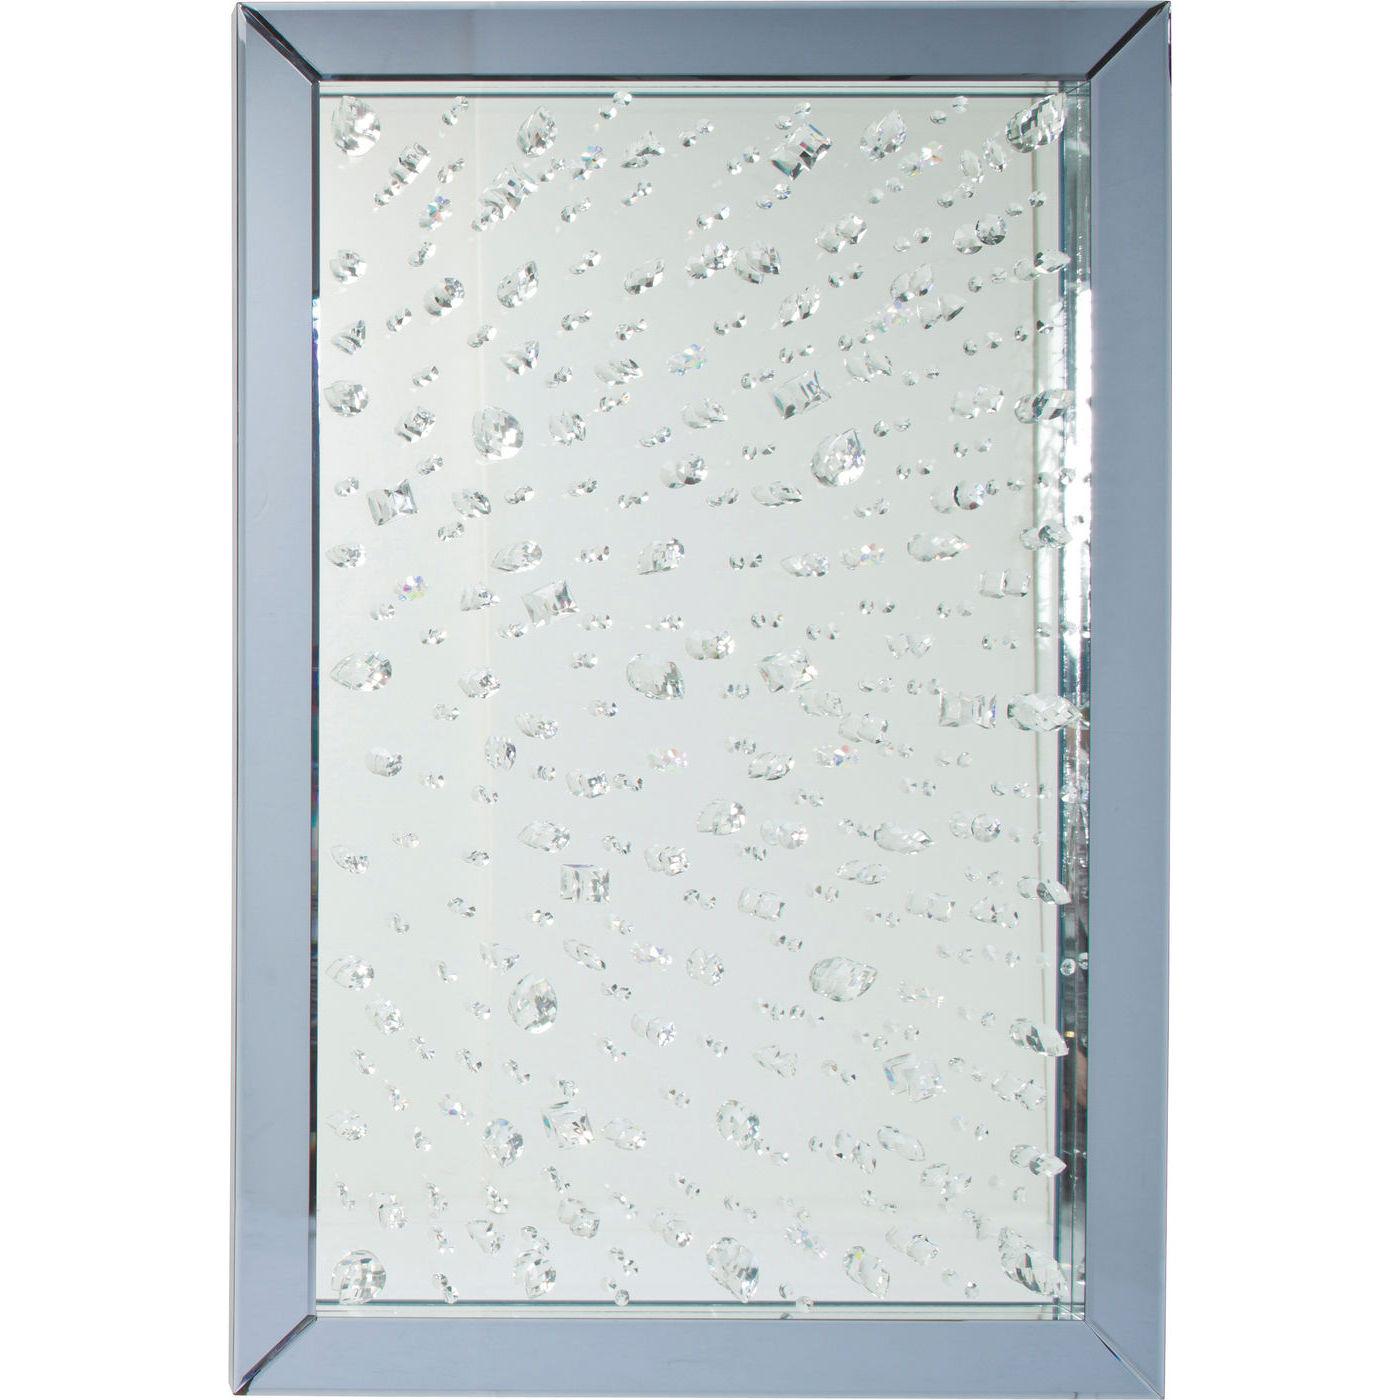 Billede af Kare Design Spejl, Raindrops 120x80cm